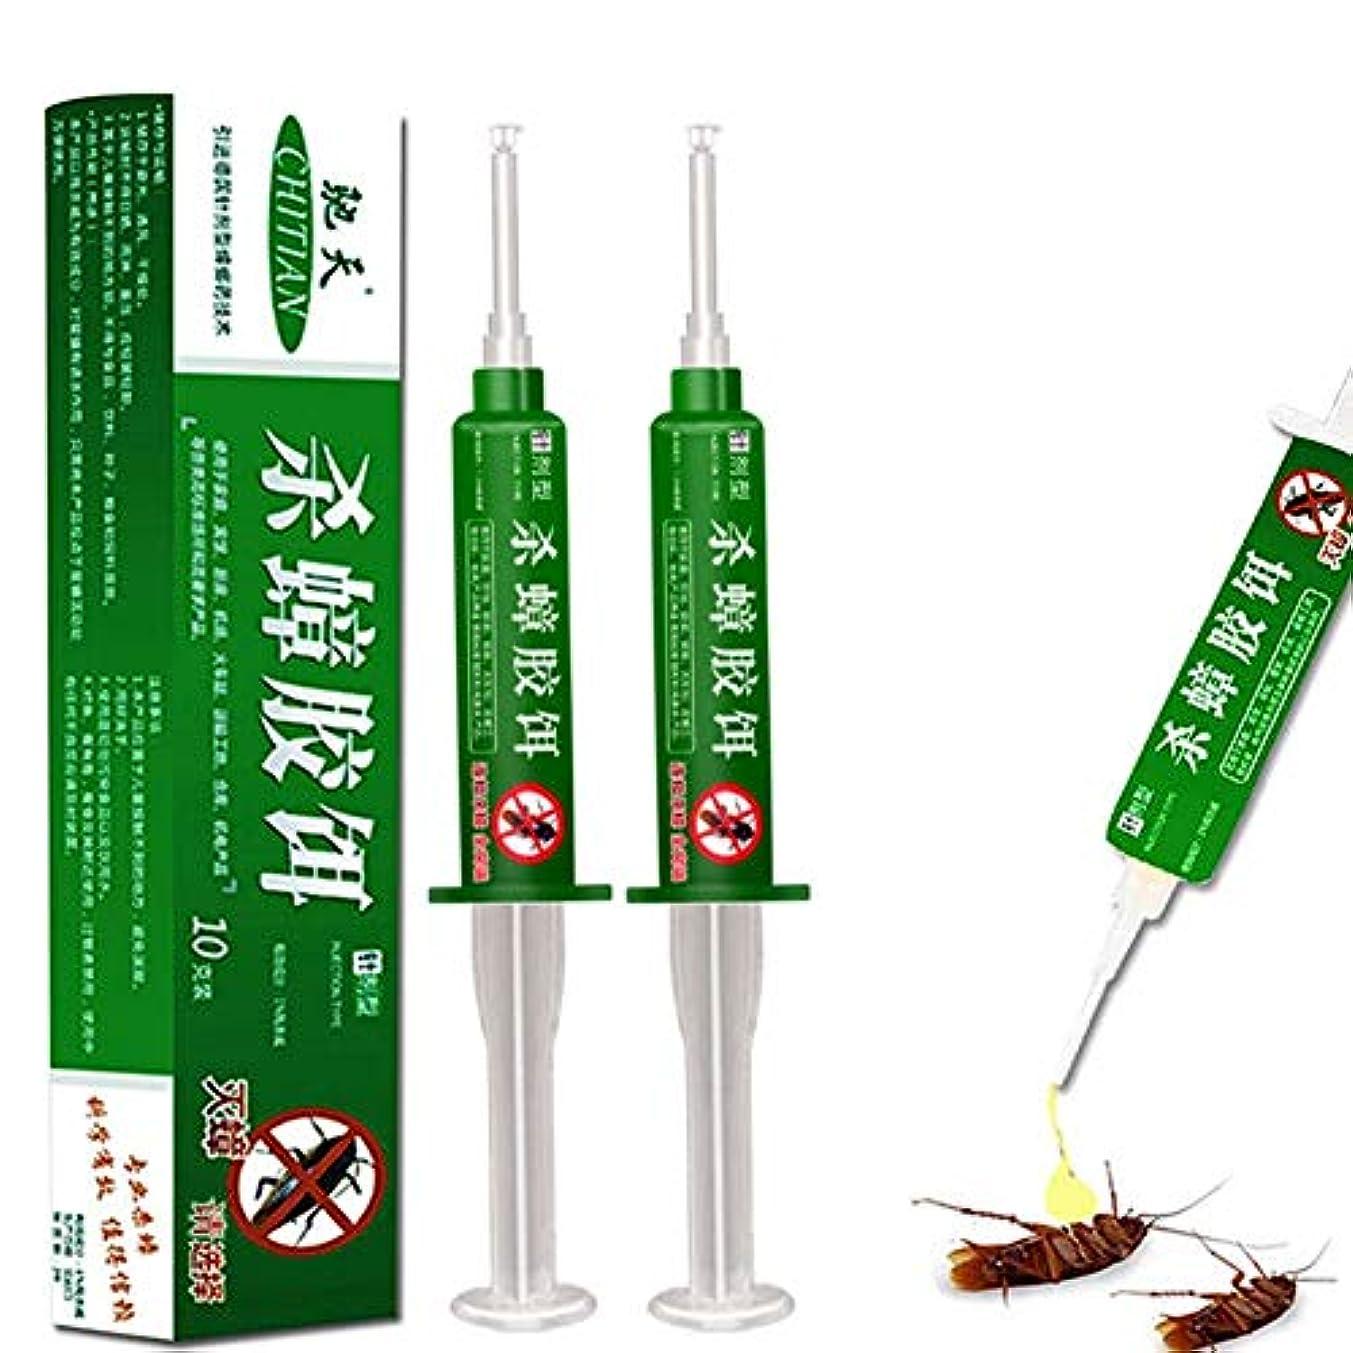 間違い葉を集めるパンダJuhon 総本店車の殺虫剤 Advionのゴキブリのゲルの餌